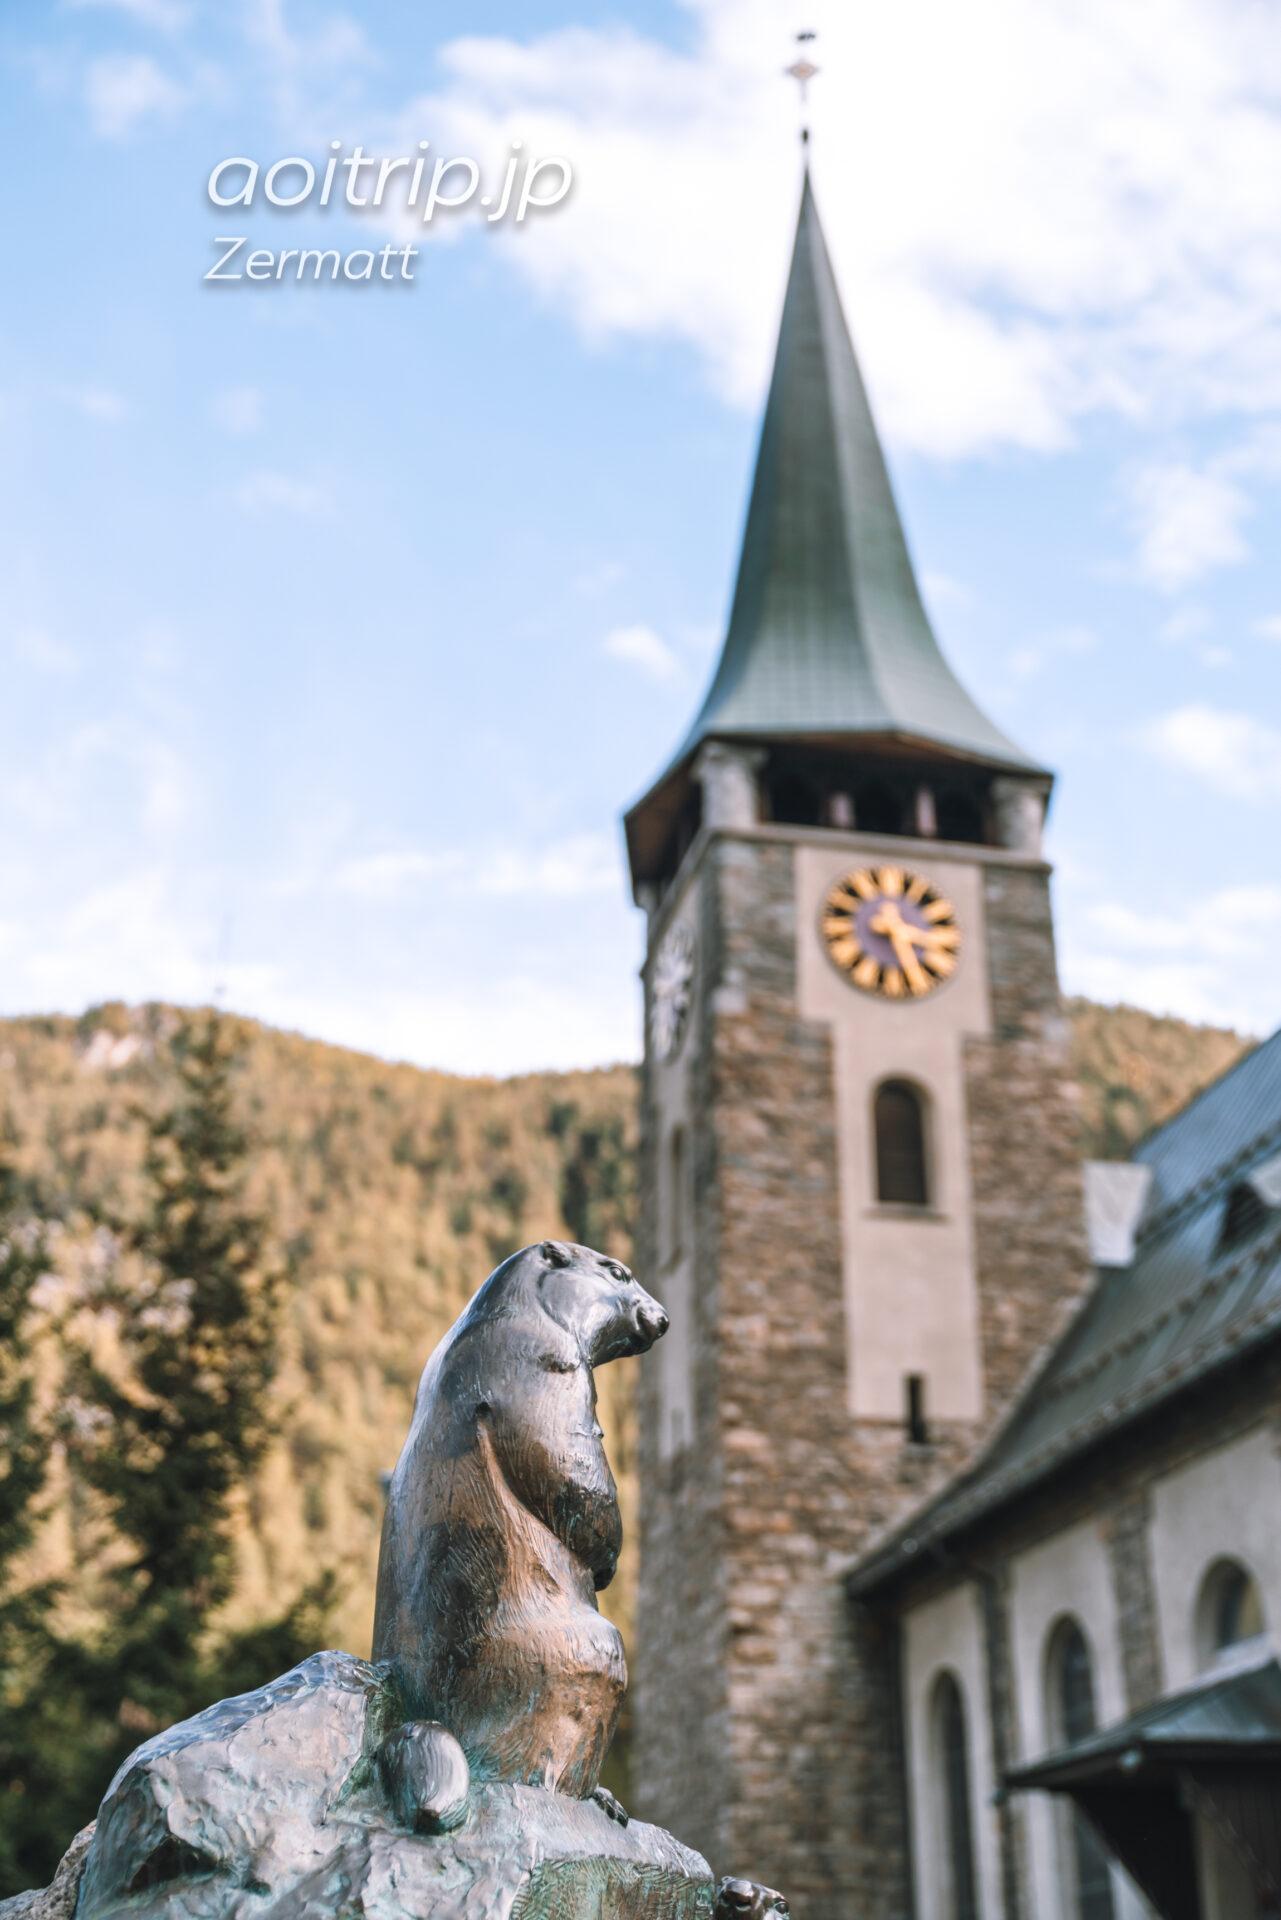 ツェルマットの教会とマーモットの像